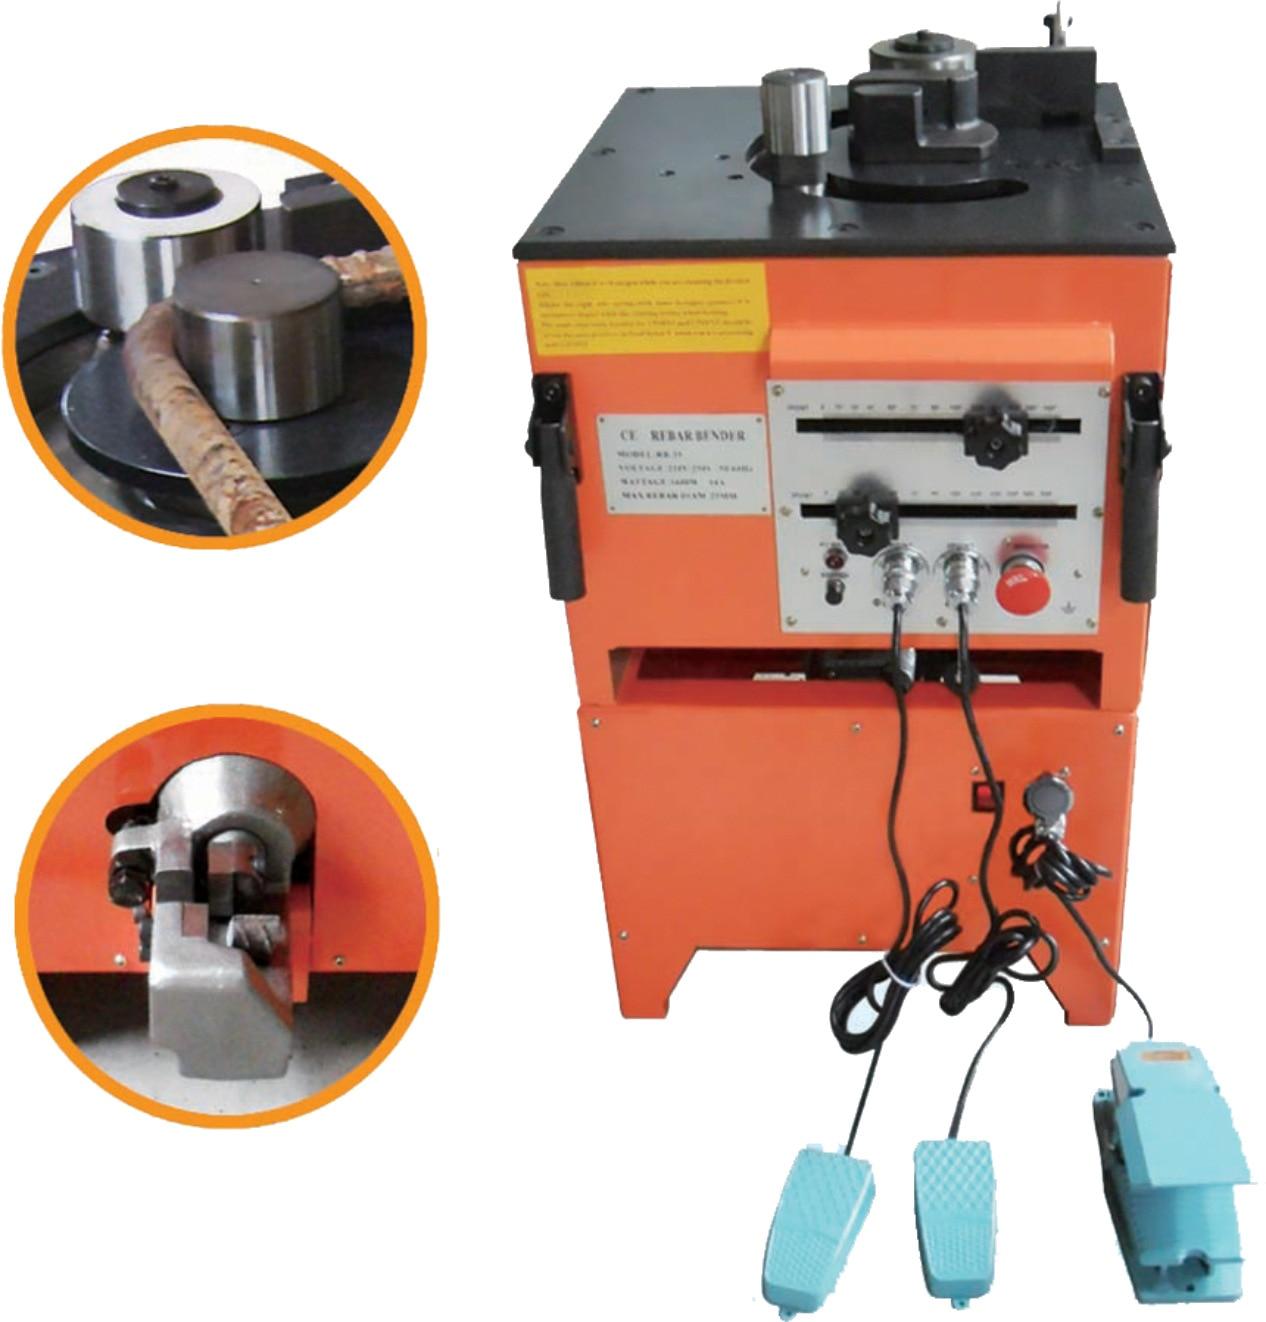 Belton арматурный станок для резки и гибки гибочный станок для сортового проката прецизионный изогнутый двухугольный стальной станок для